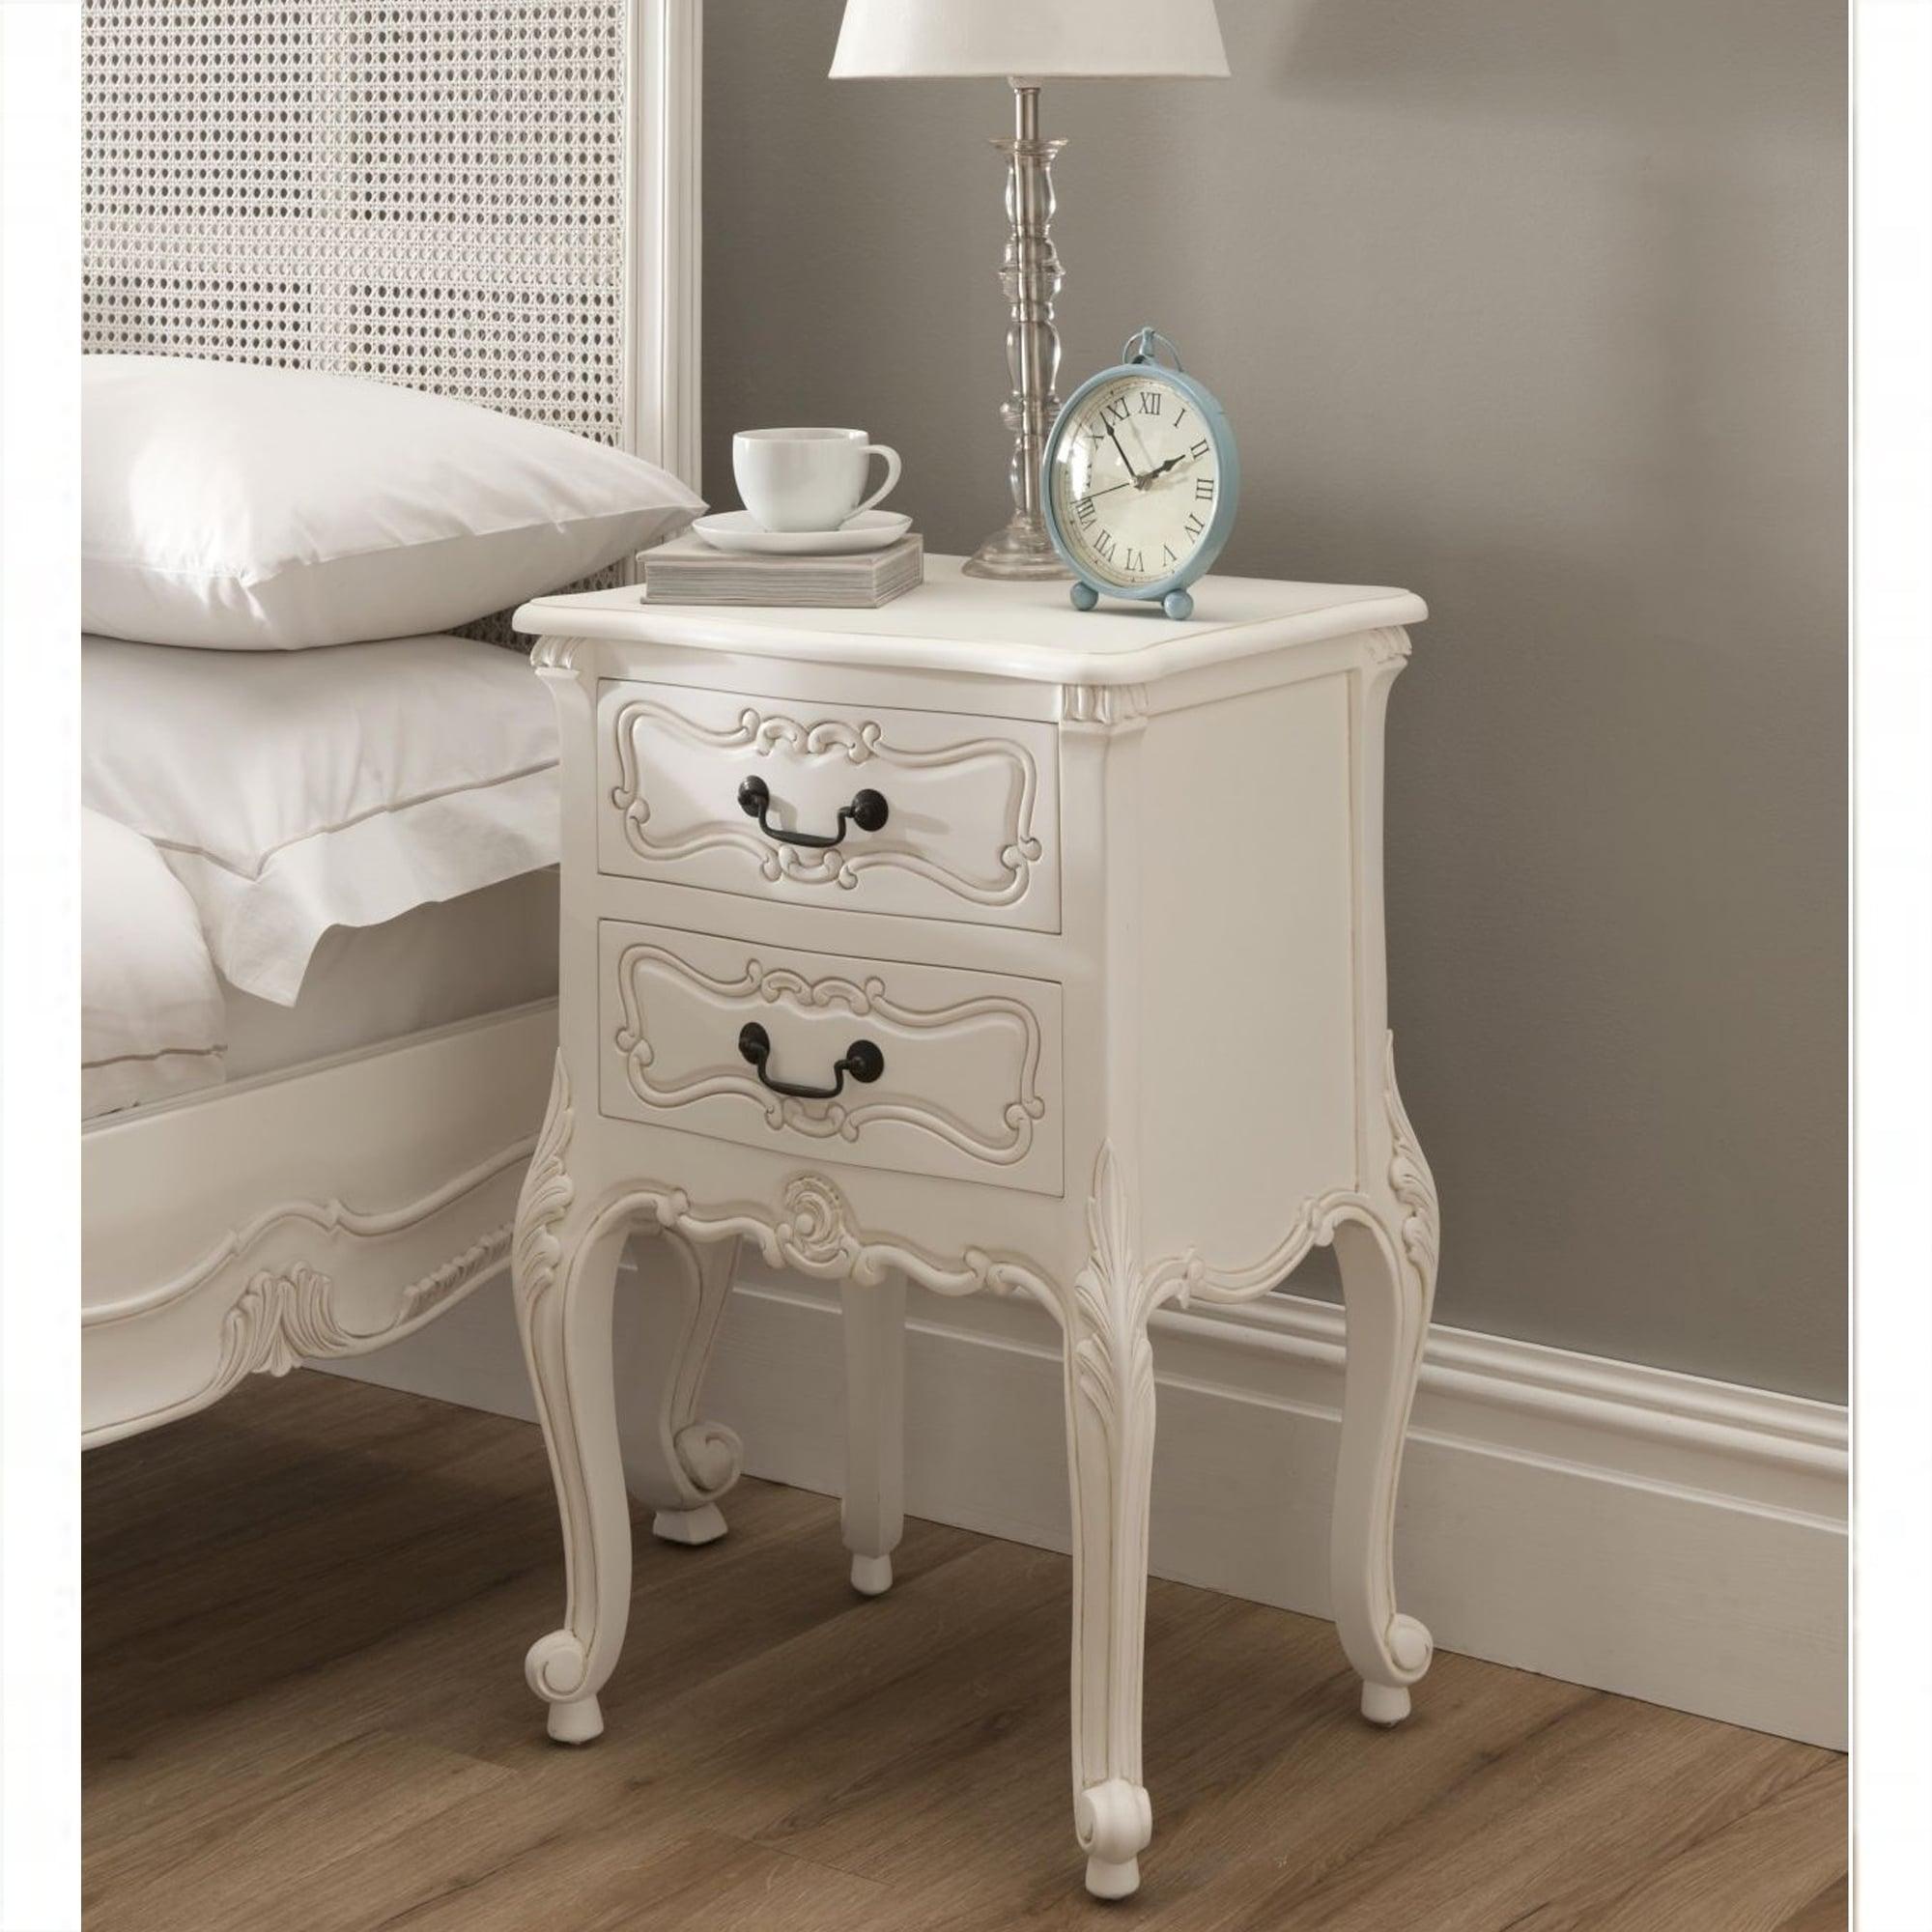 La rochelle antique french bedside - Bedroom furniture bedside tables ...